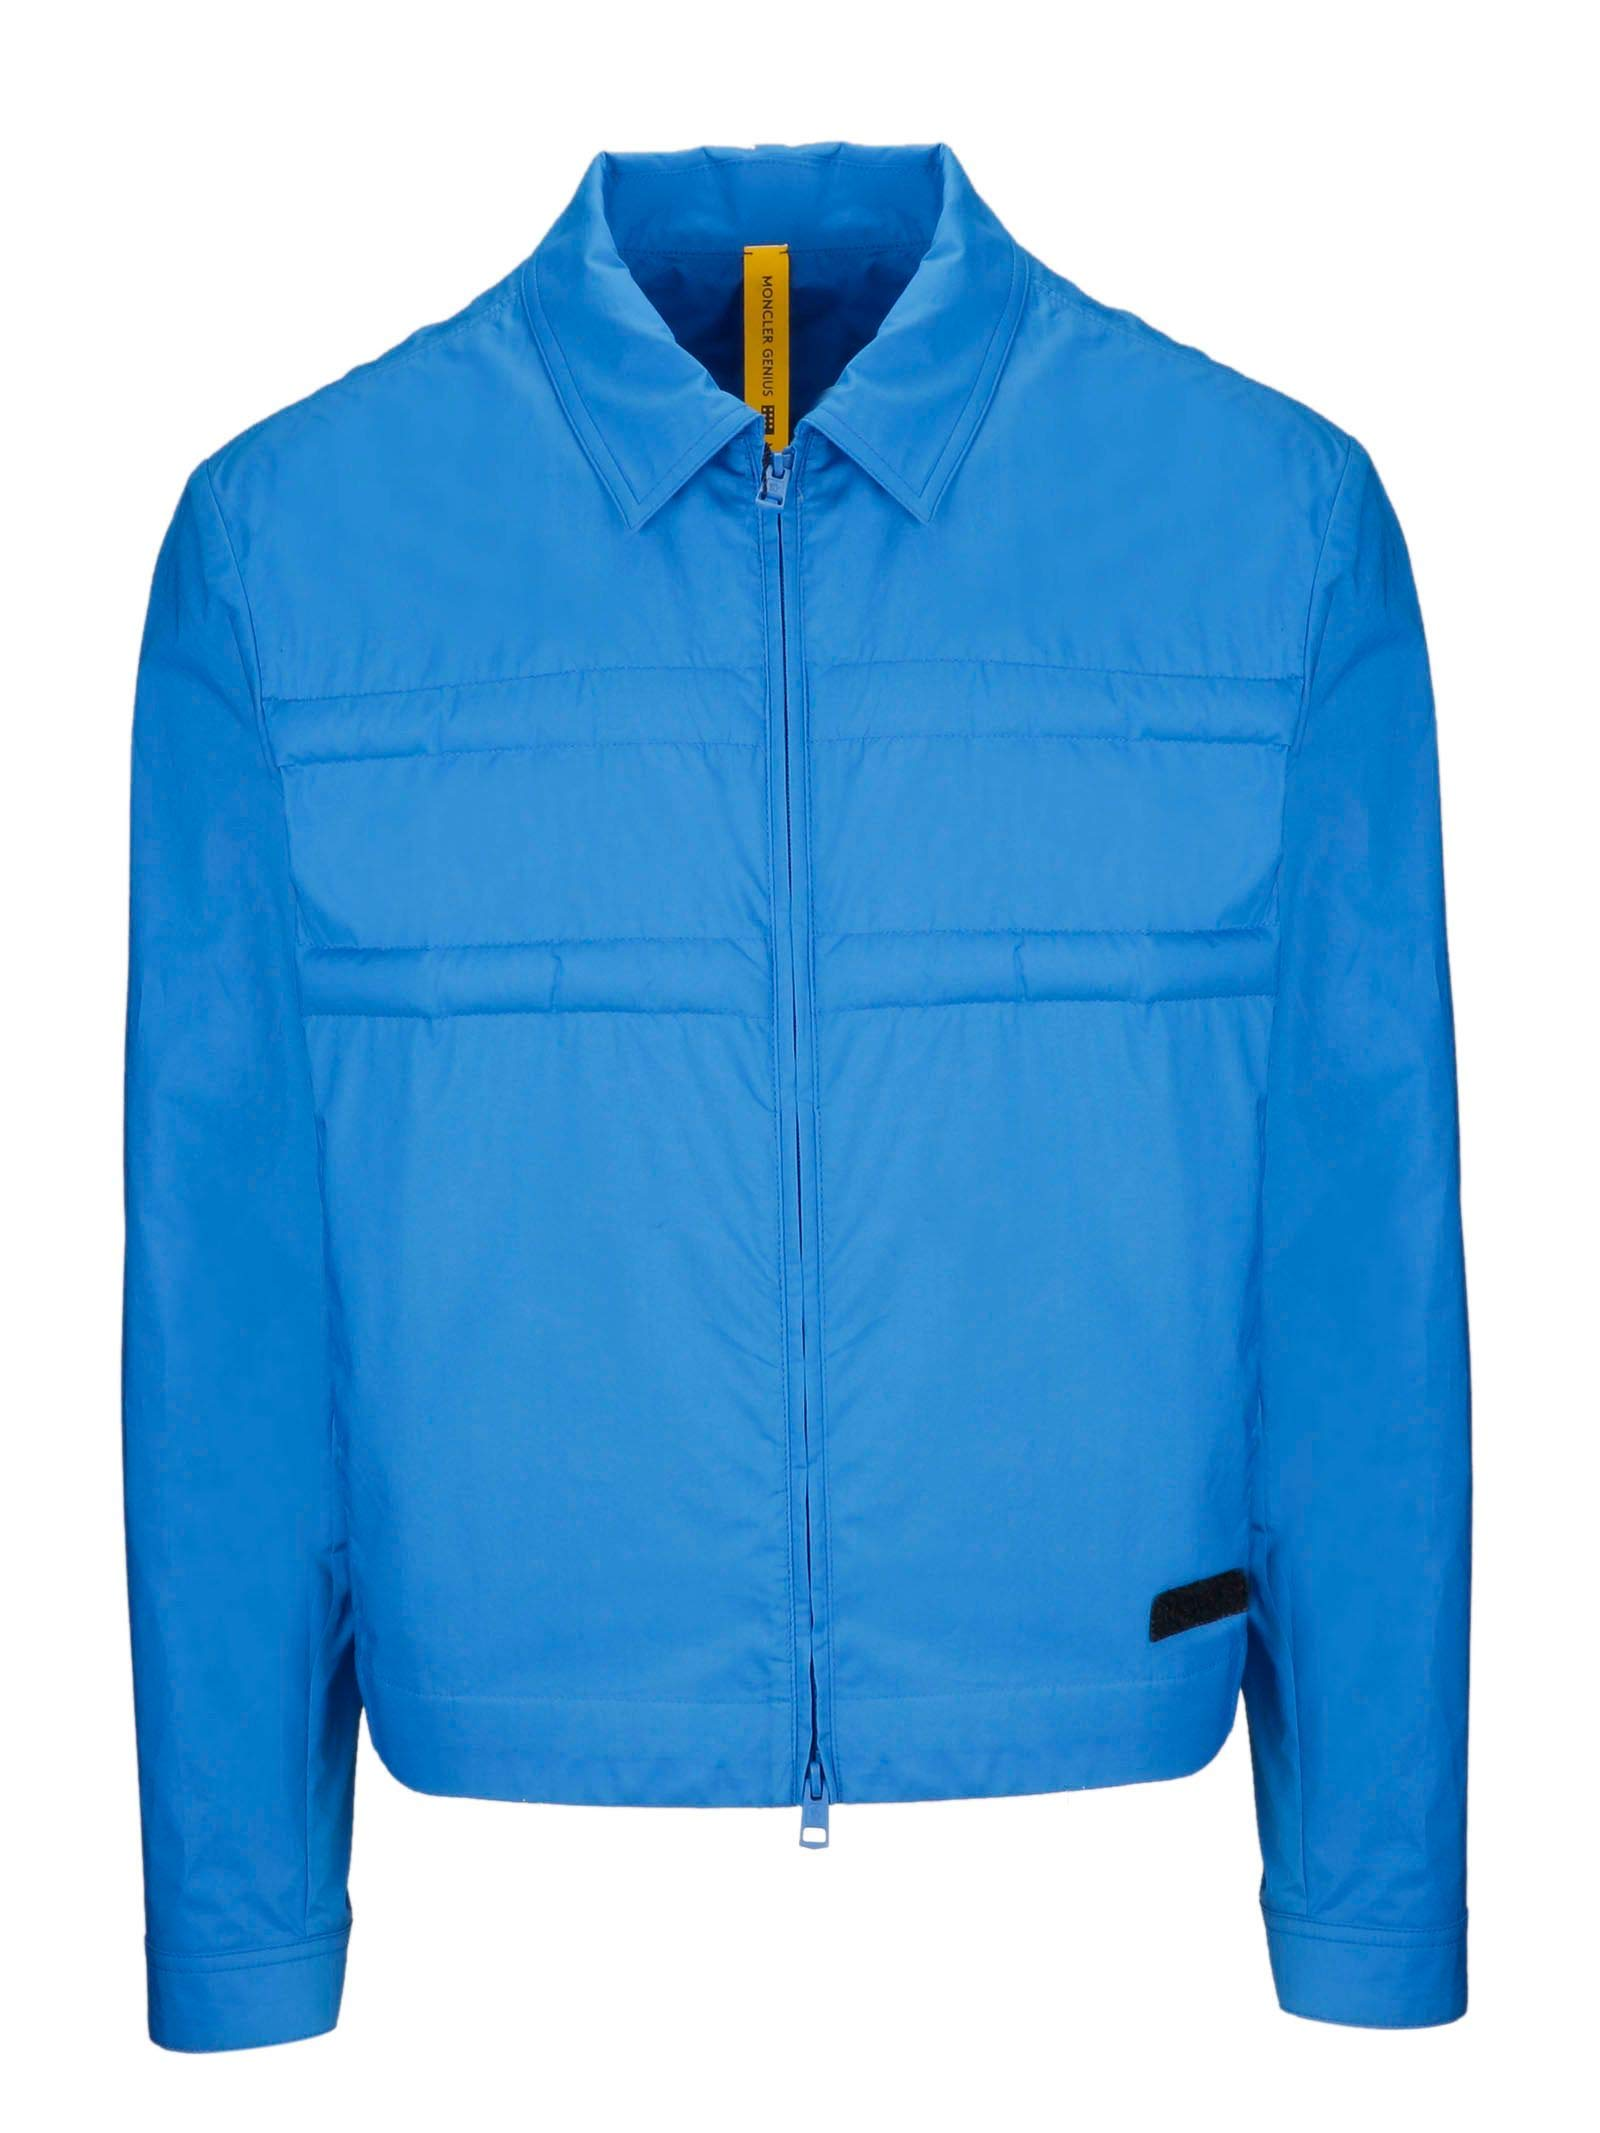 the best attitude 72a2d 3c3e8 Moncler Giacca Outerwear Uomo 410235054A2P736 Cotone Blu - Face Shop